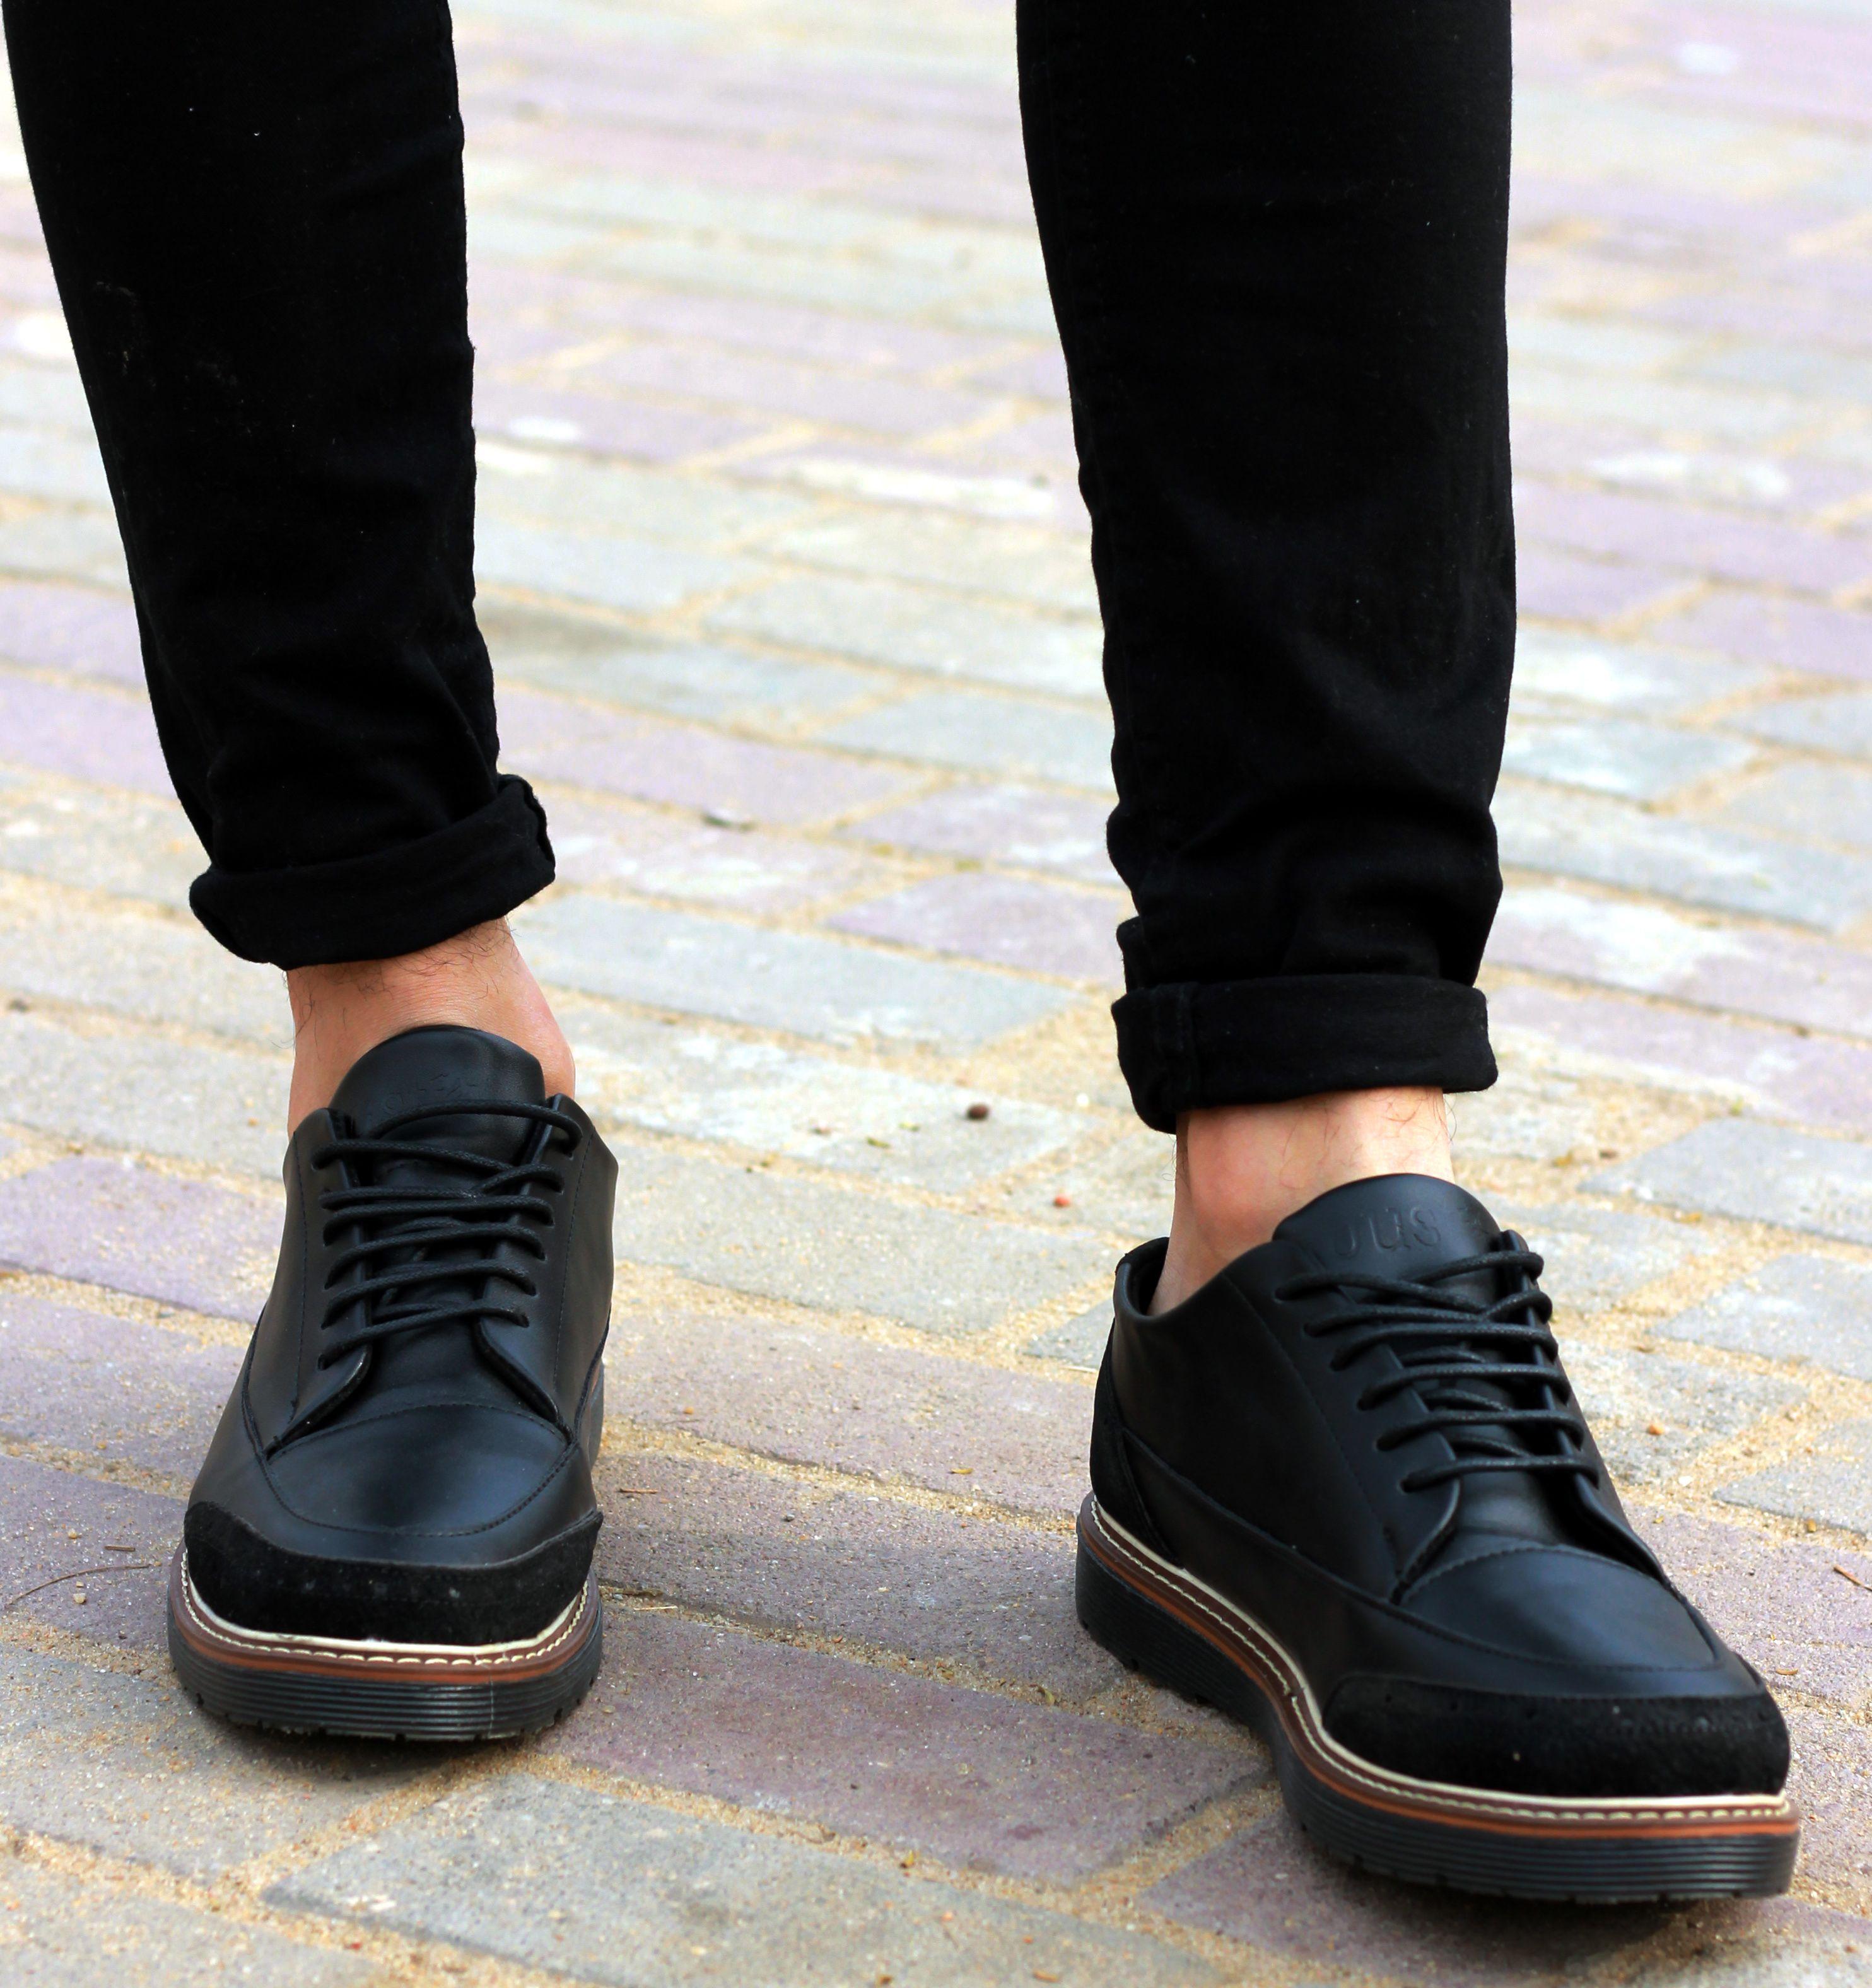 الشوز الجلد ب190 جنيه بدلا من 300 يعني خصم ج 110 Shoe Brands Combat Boots Boots